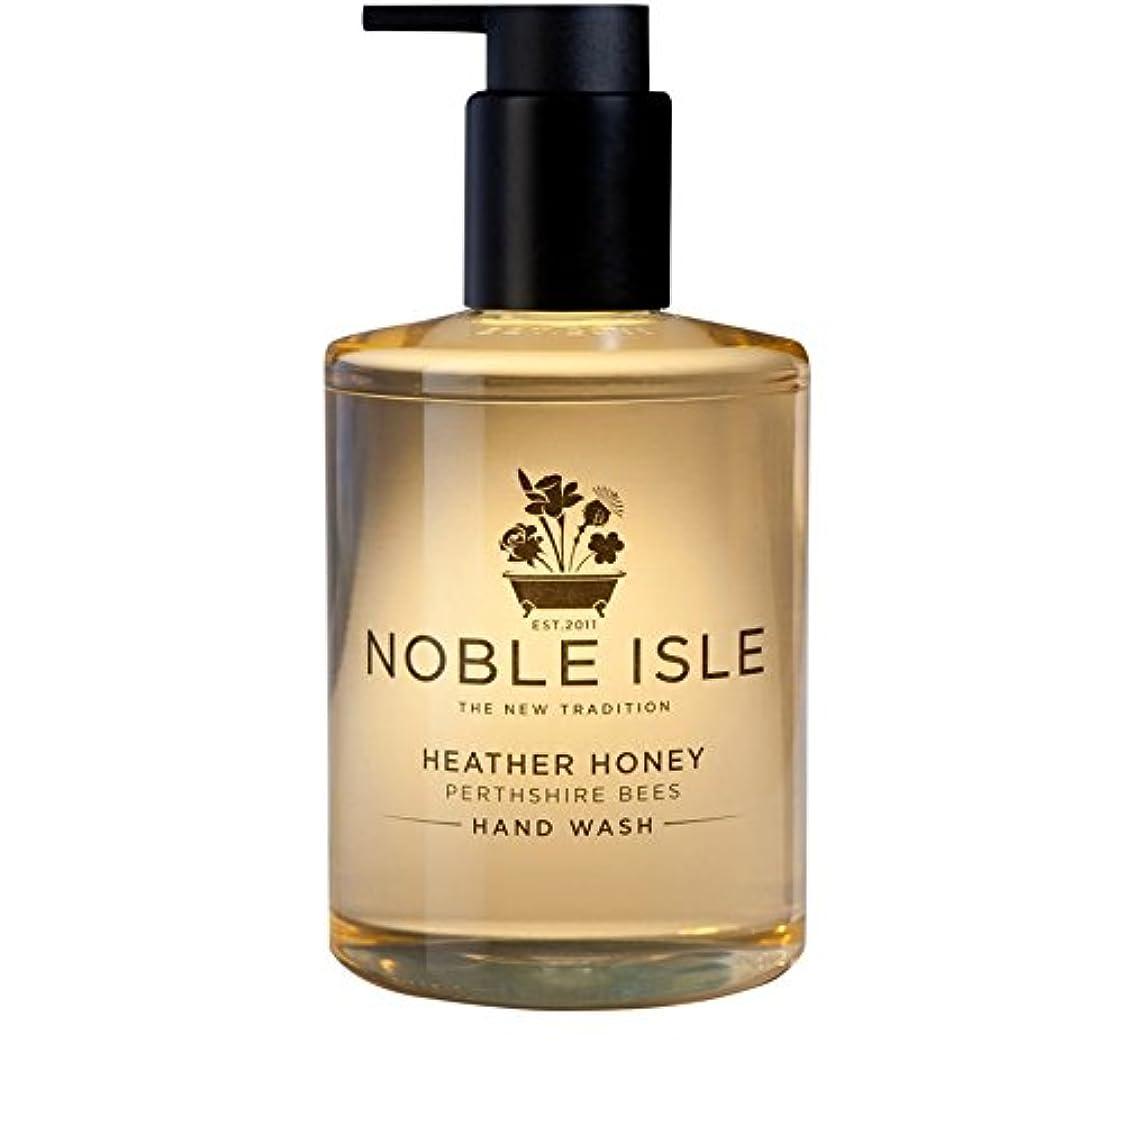 クラブ矩形ネックレットNoble Isle Heather Honey Perthshire Bees Hand Wash 250ml (Pack of 6) - 高貴な島杢蜂蜜パースシャー蜂のハンドウォッシュ250ミリリットル x6 [並行輸入品]